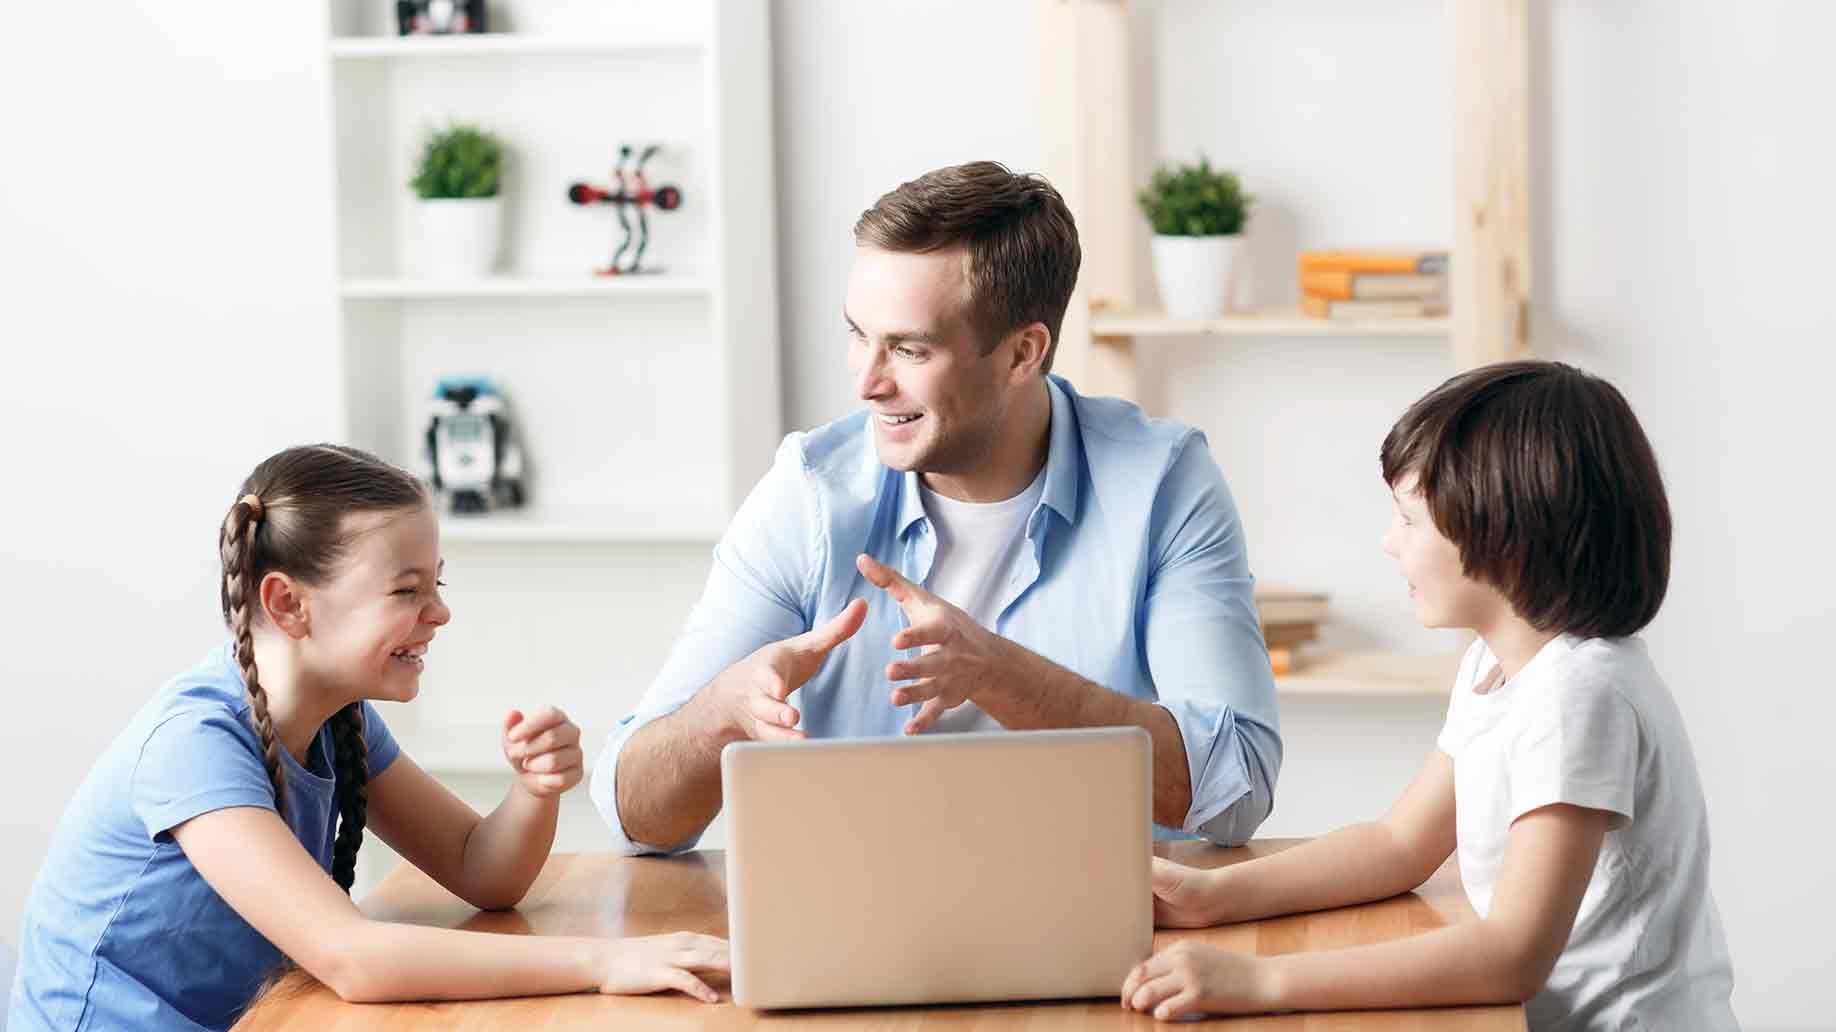 kids' online behavior